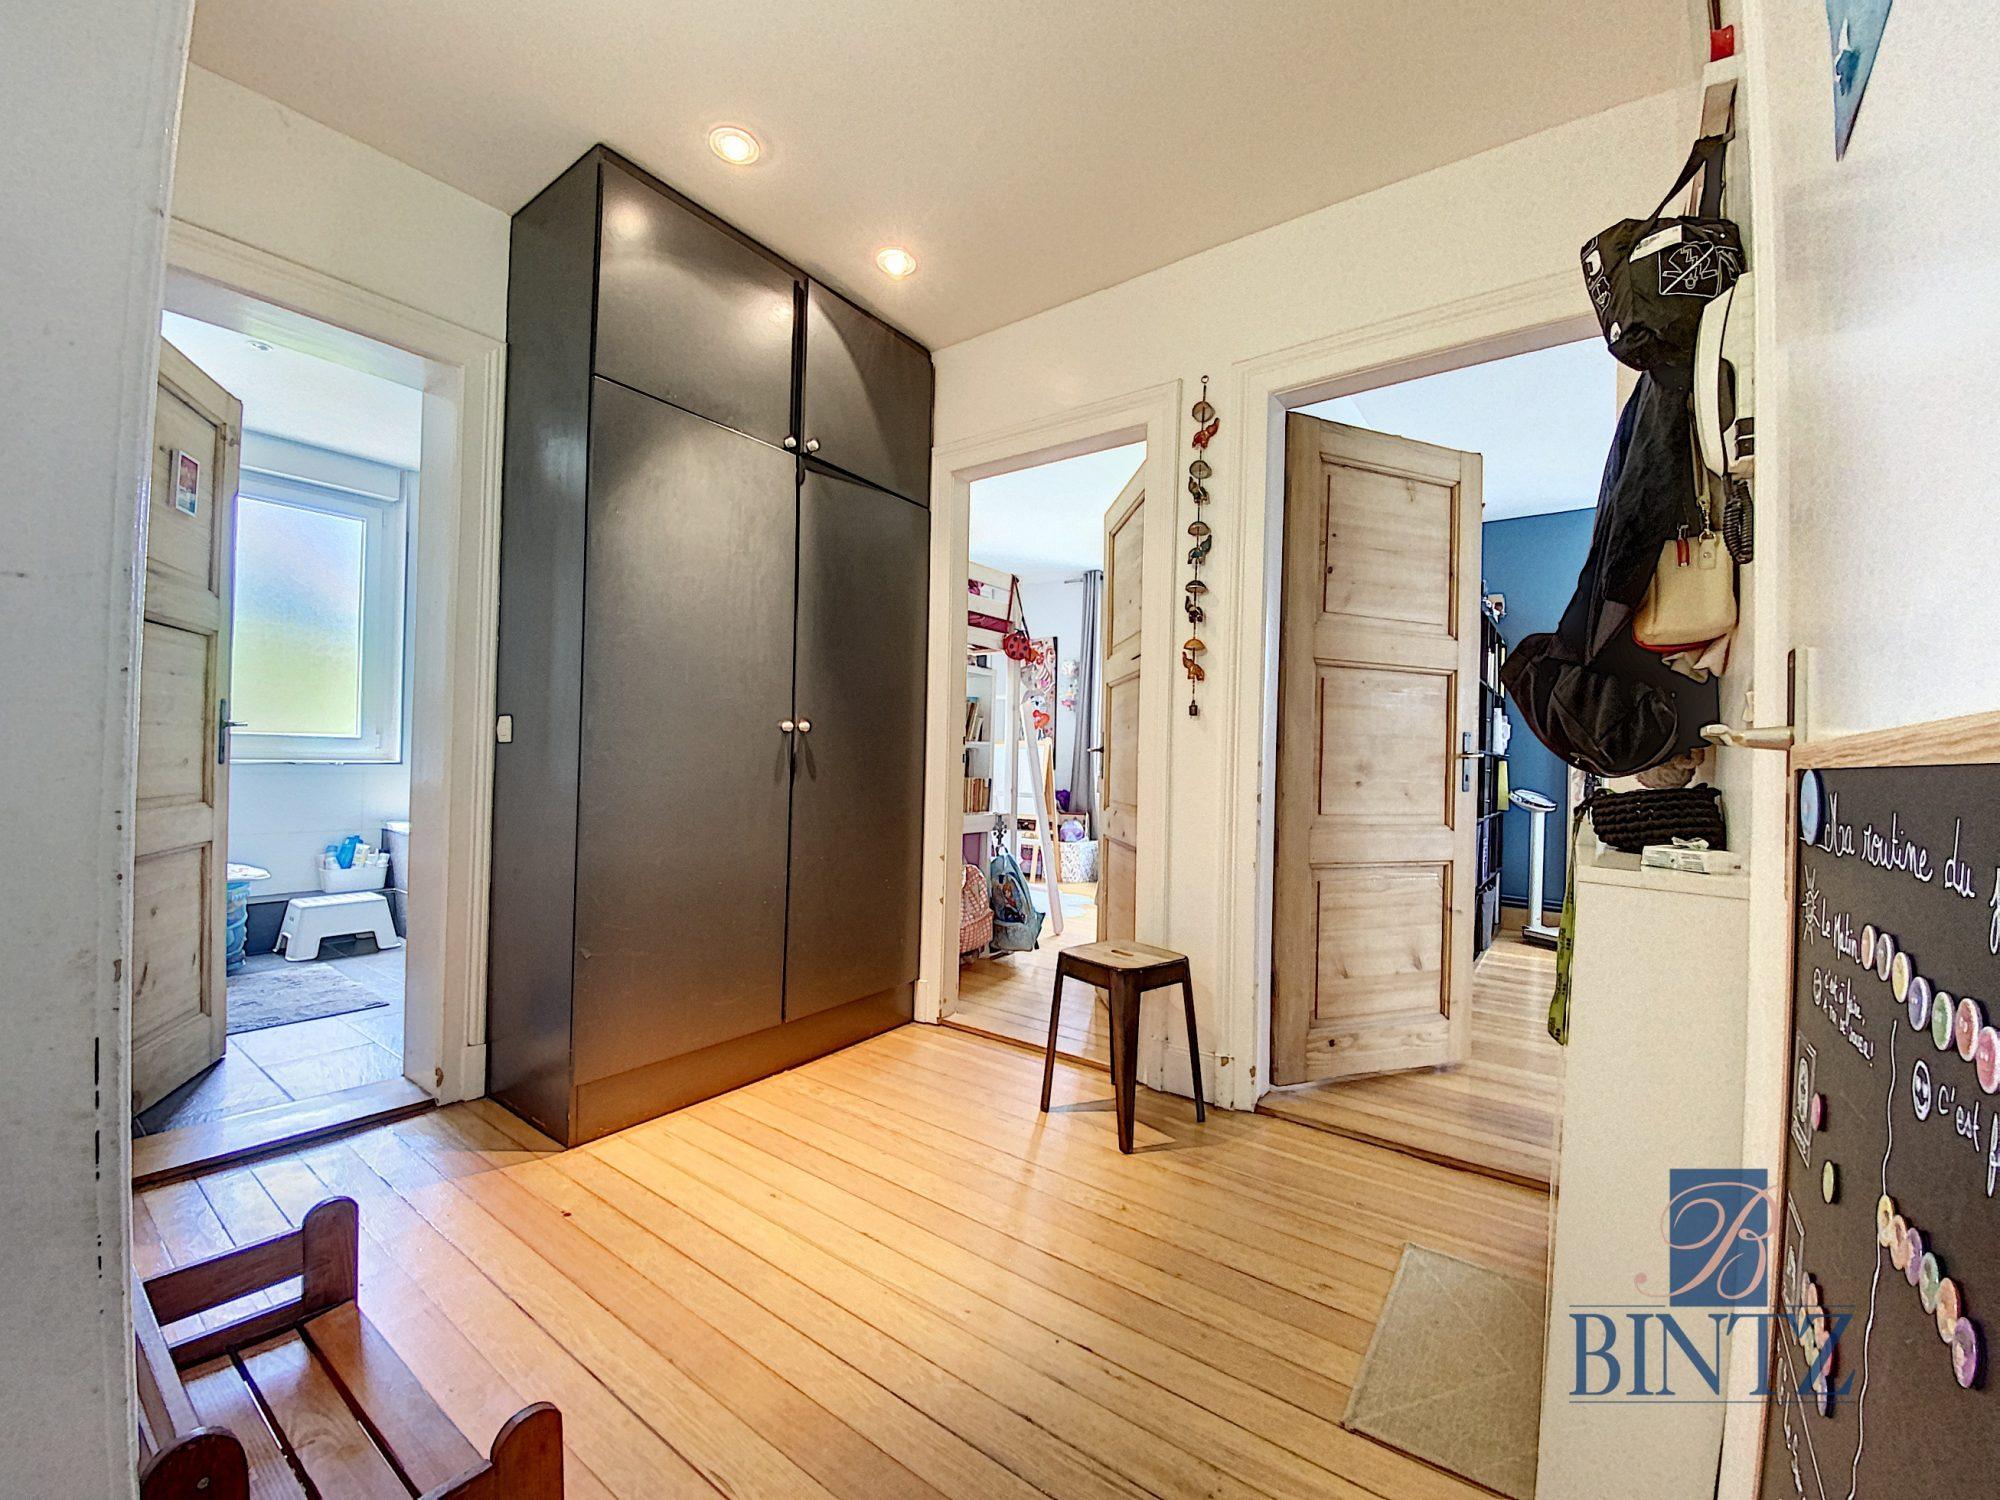 3 pièces avec terrasse à la Robertsau - Devenez propriétaire en toute confiance - Bintz Immobilier - 10